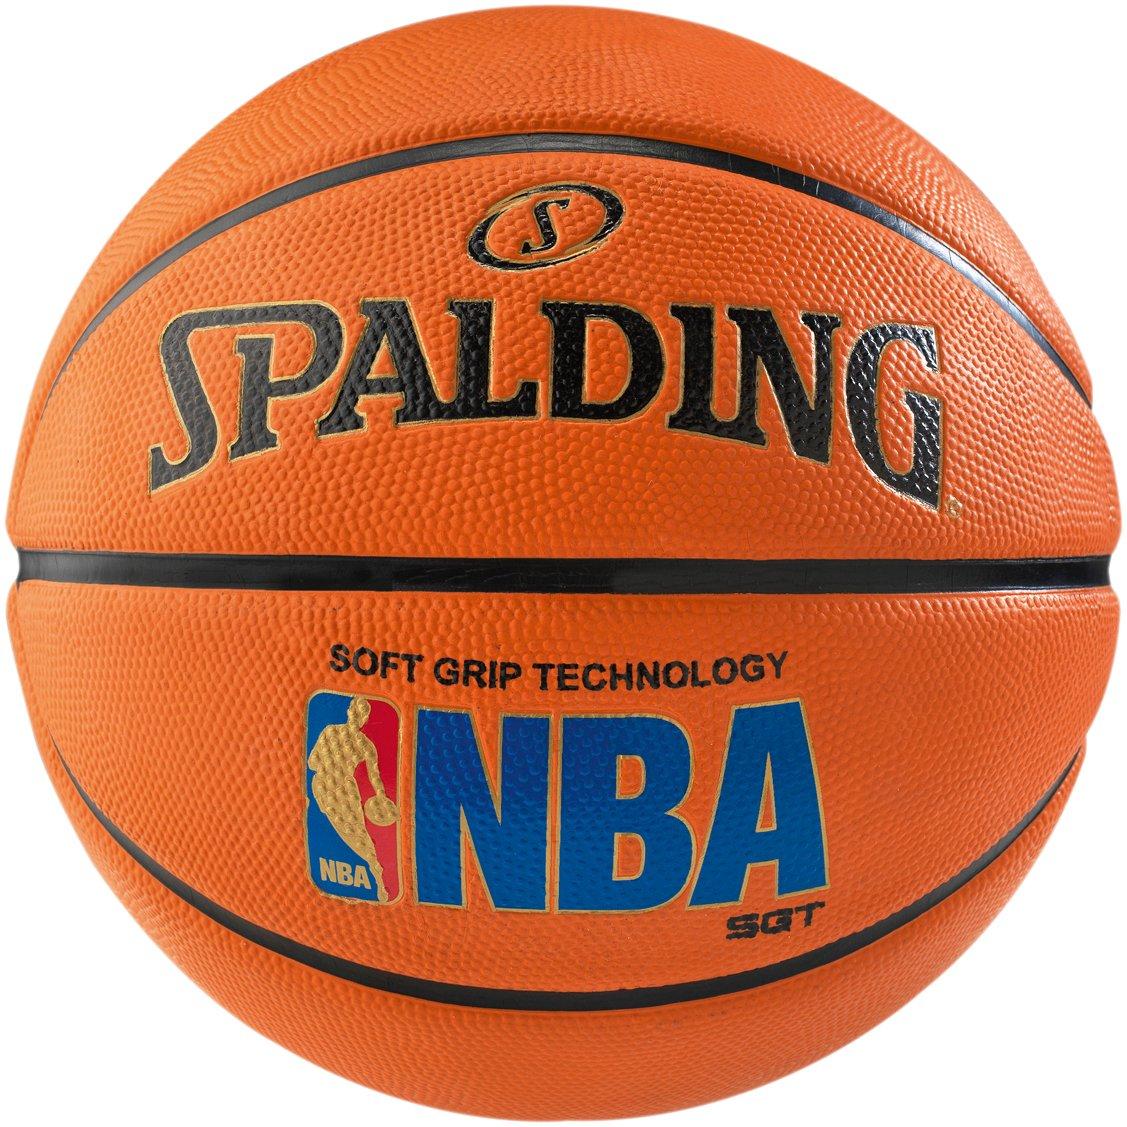 Spalding - Basketball - ballon logoman SPAA3|#Spalding 3001541010017